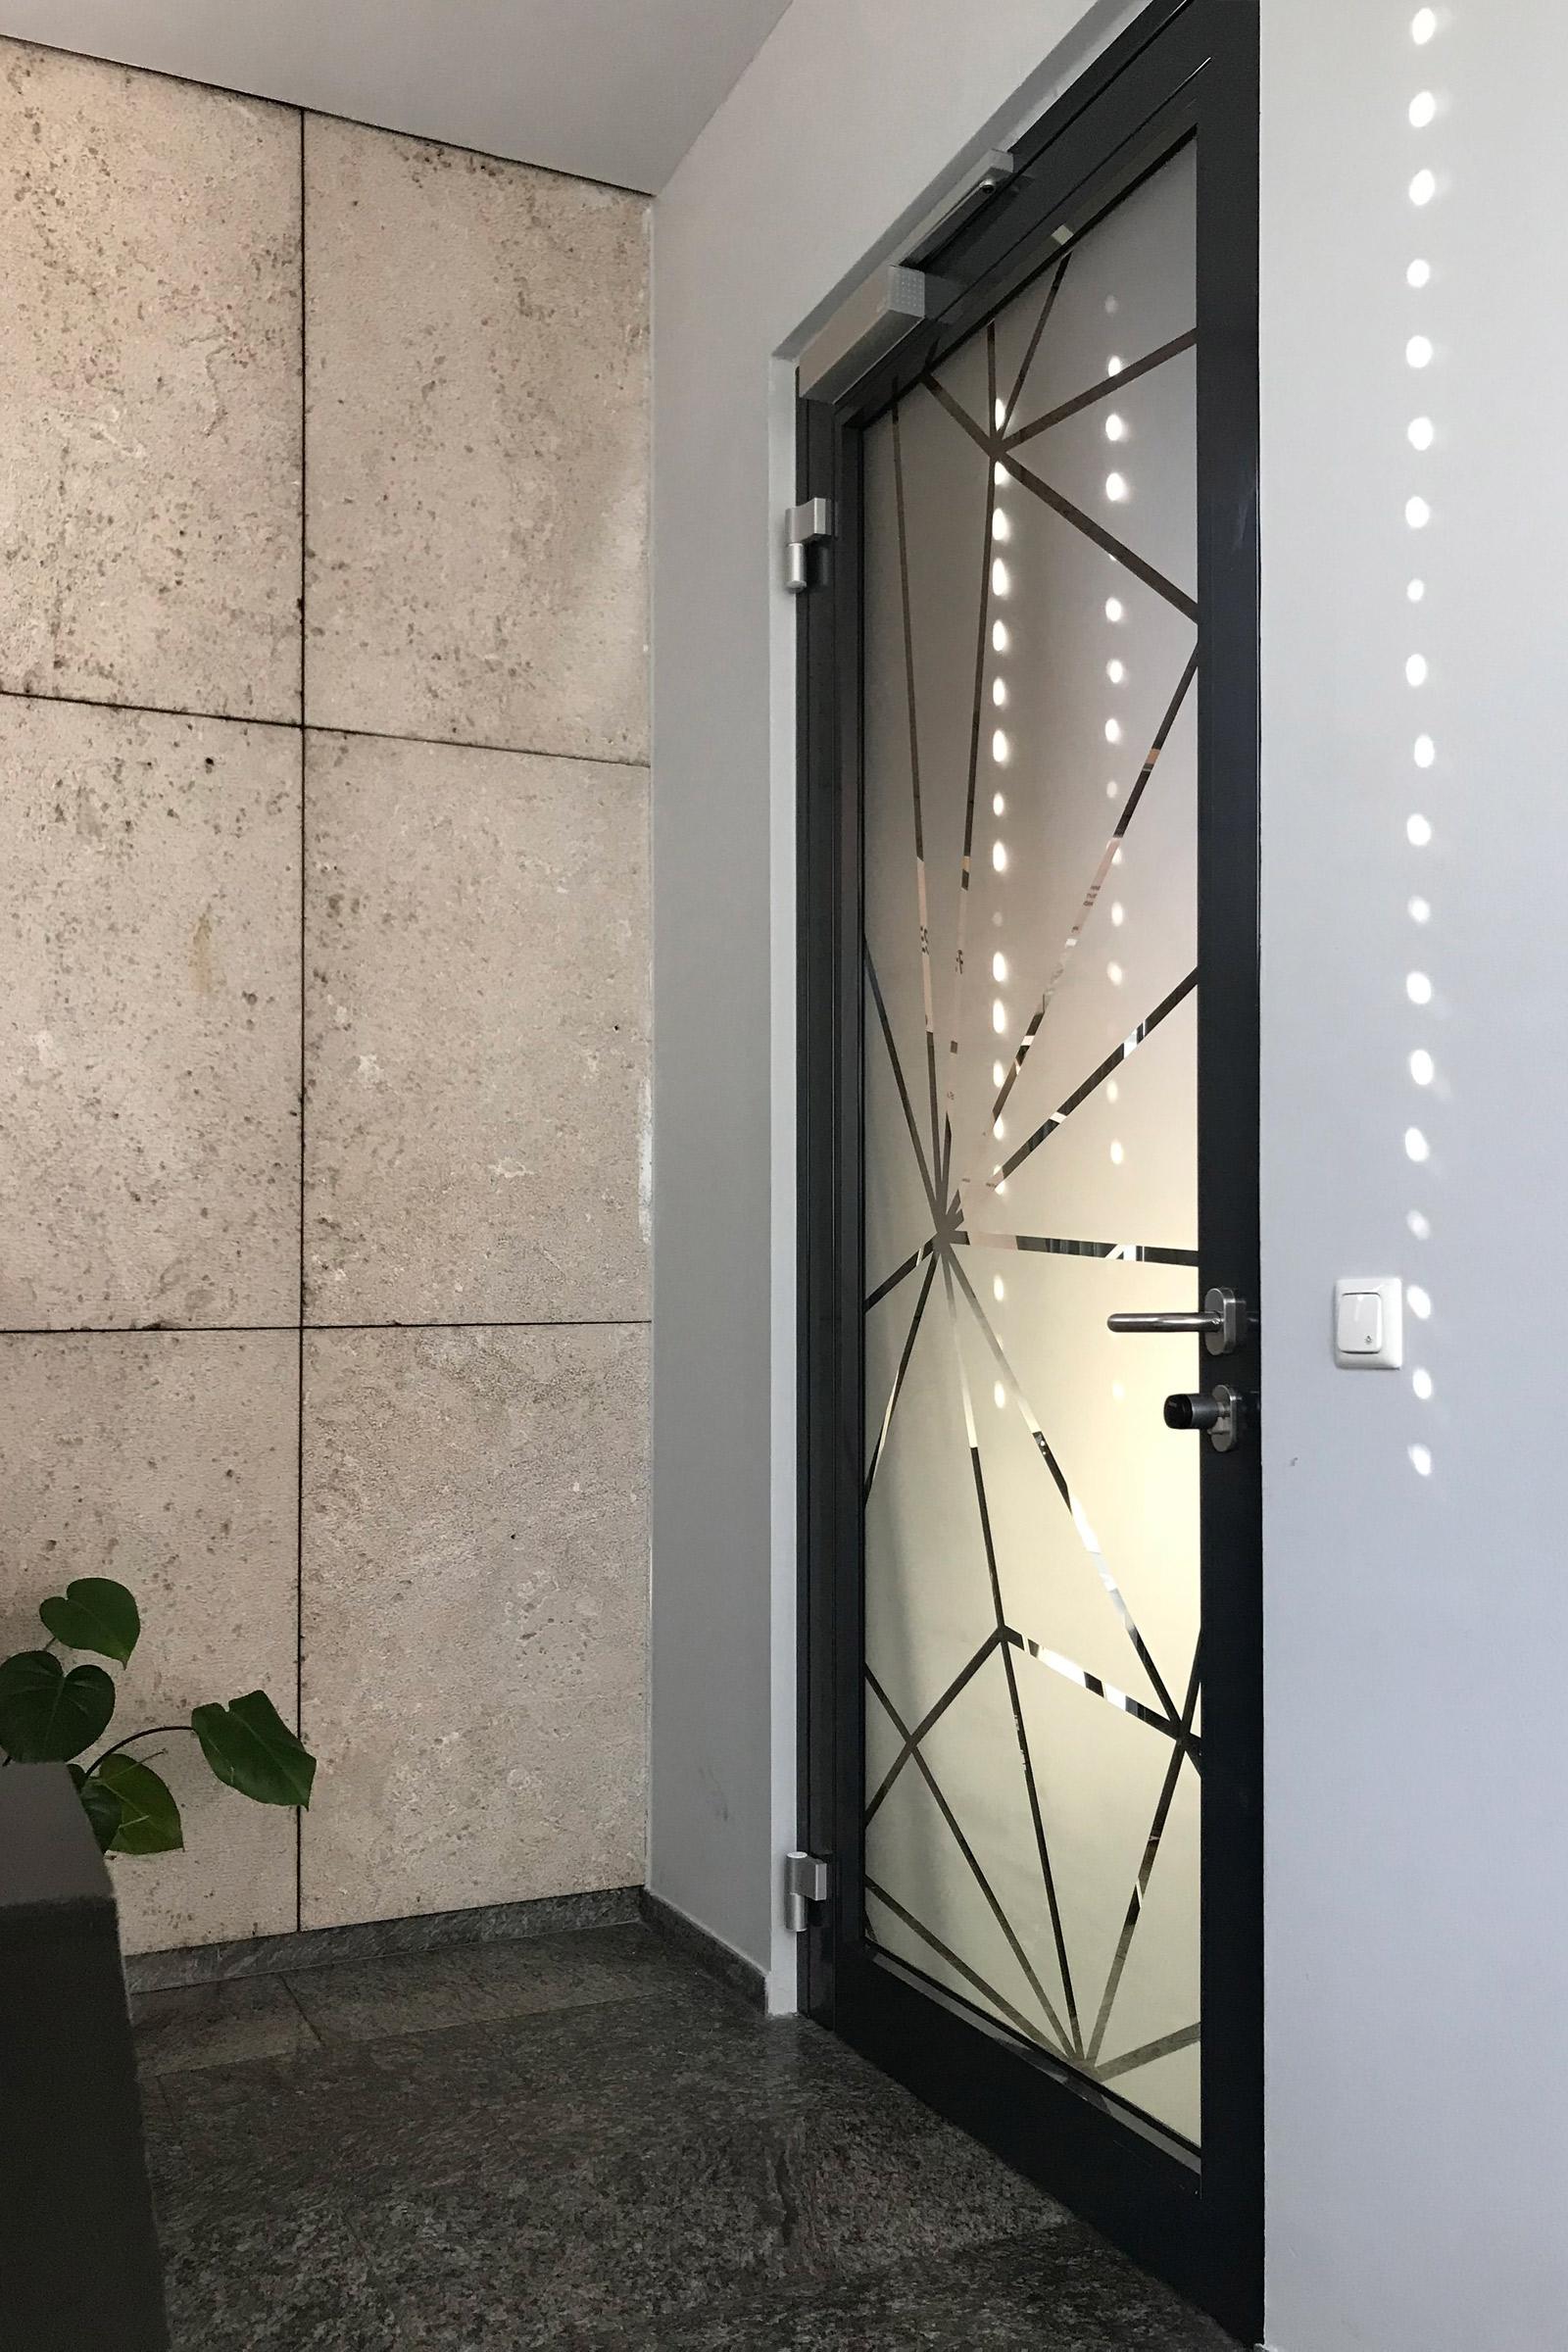 t ren und fensterbeklebungen design offices focus folienbeschriftung in n rnberg f rth. Black Bedroom Furniture Sets. Home Design Ideas